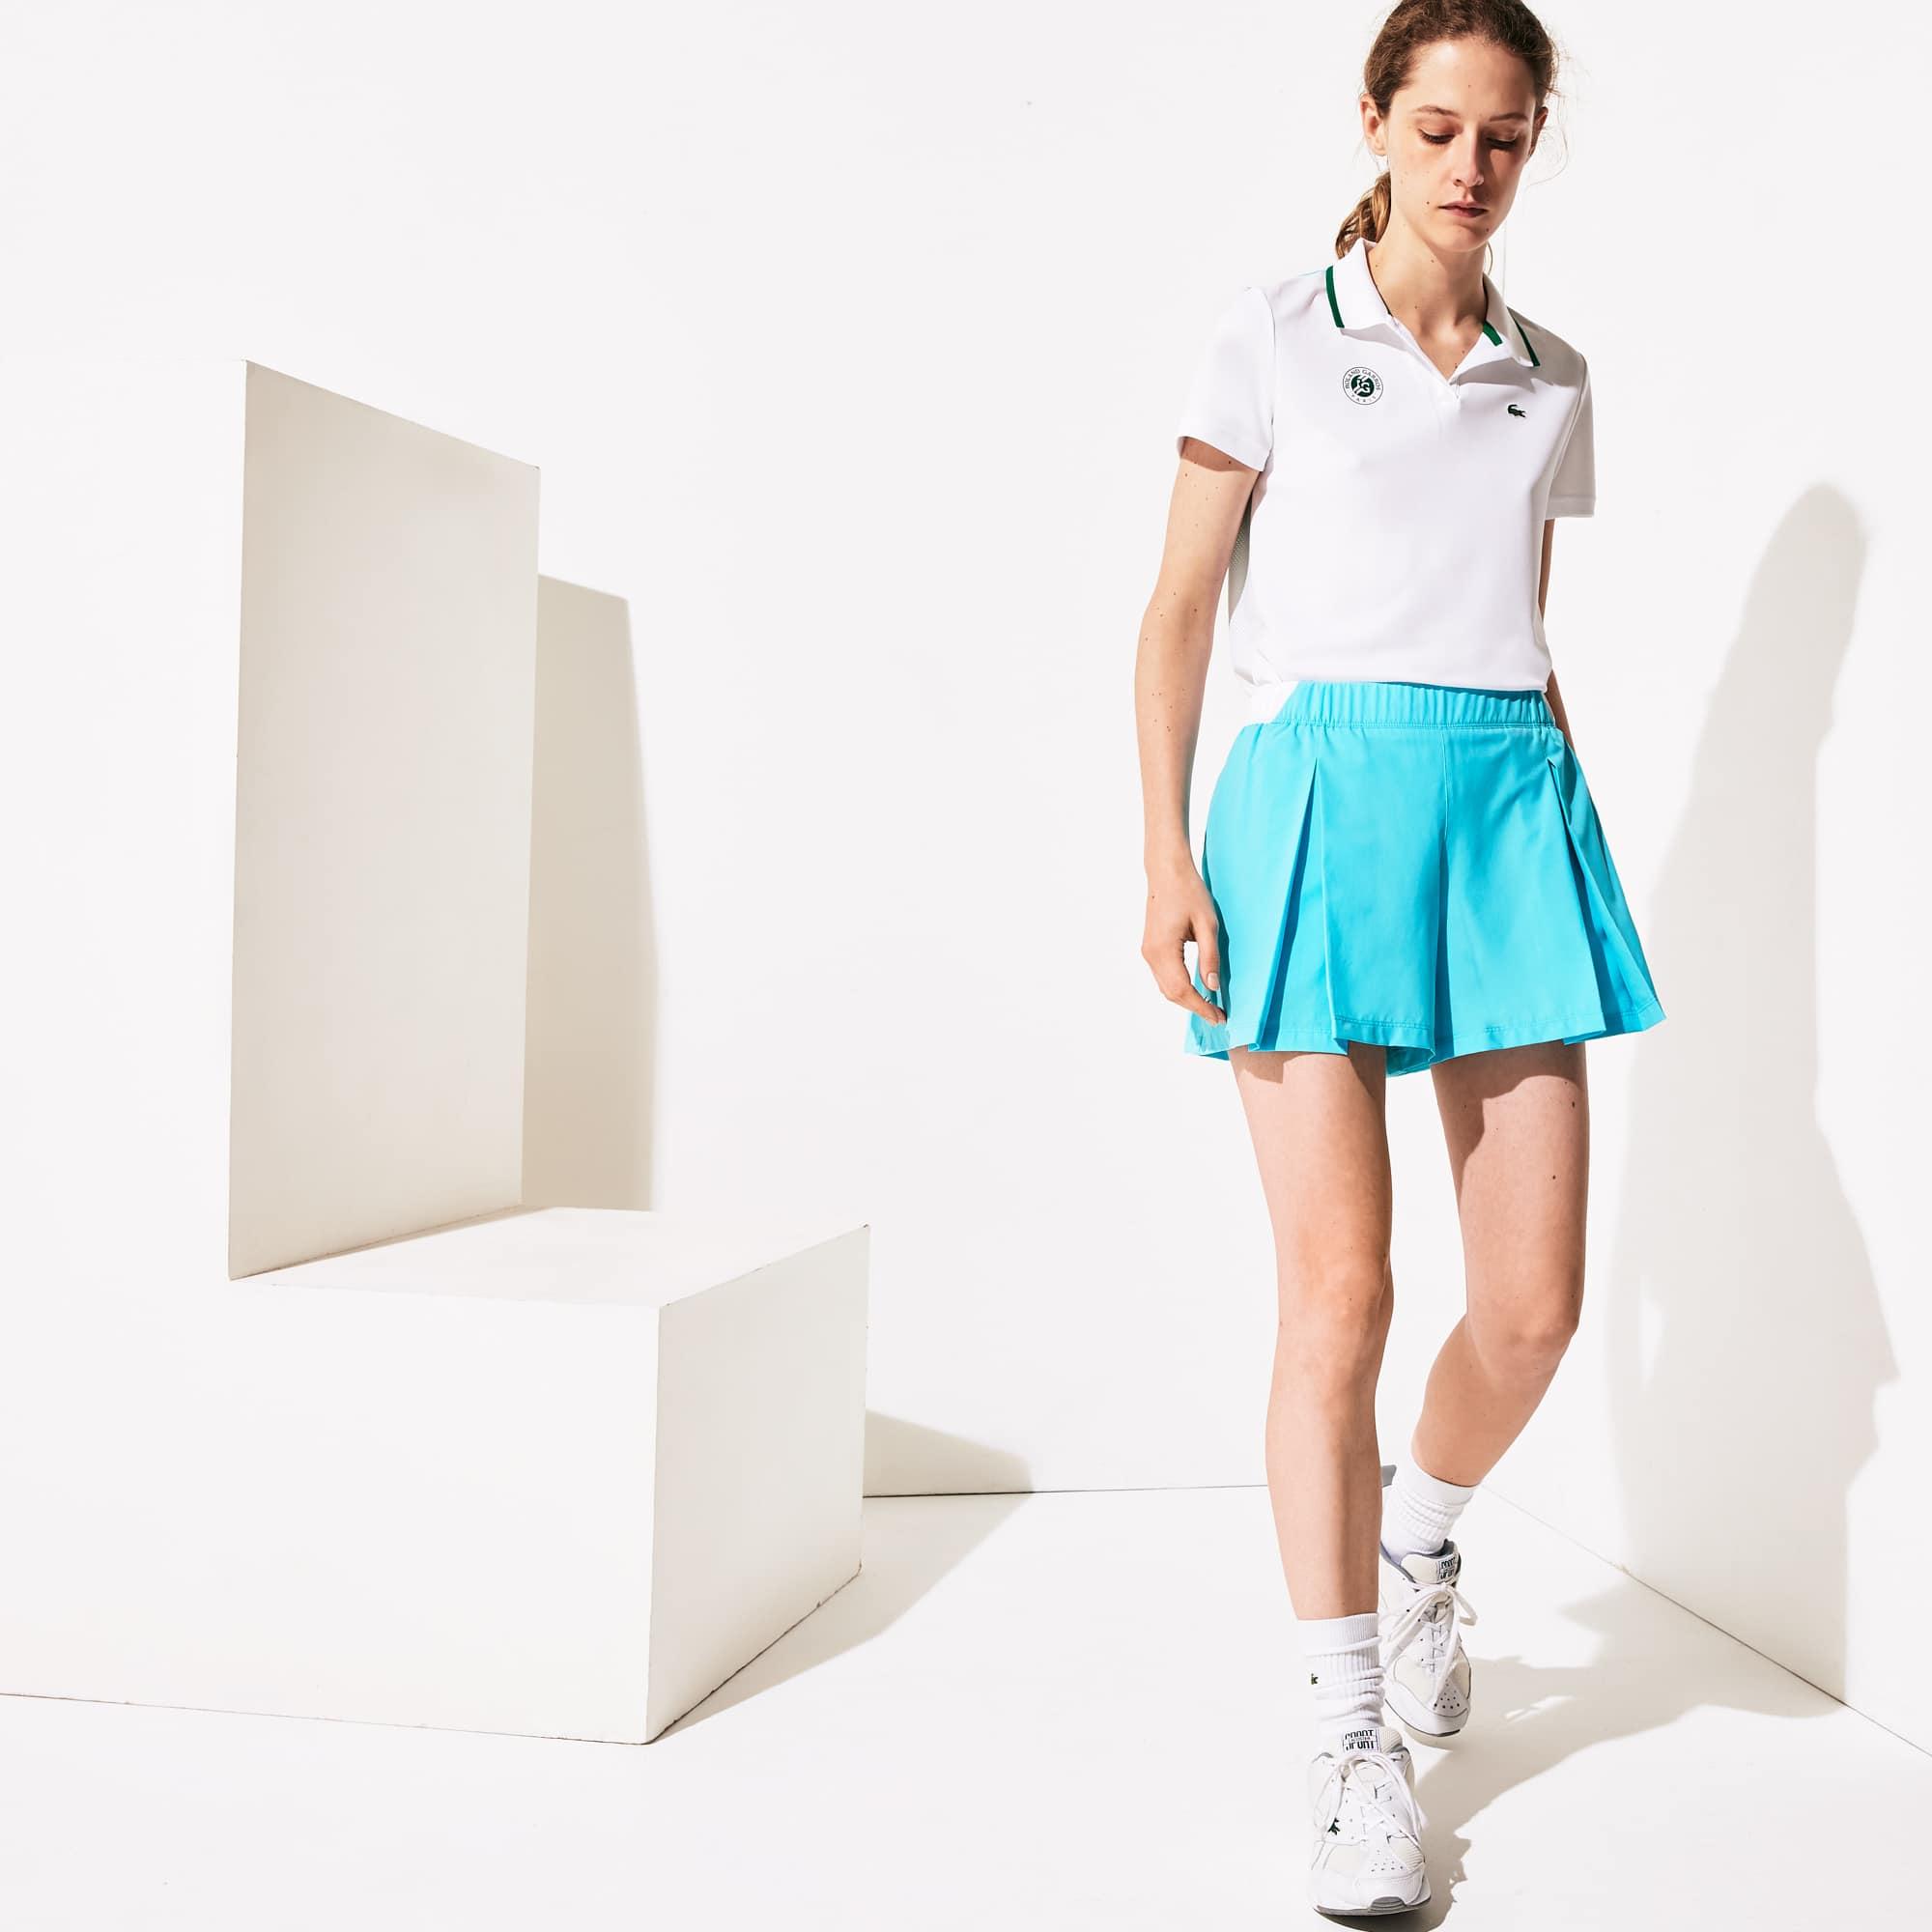 라코스테 스포츠 롤랑가로스 퀼로트 스커트 Lacoste Womens SPORT Roland Garros Culotte Skirt